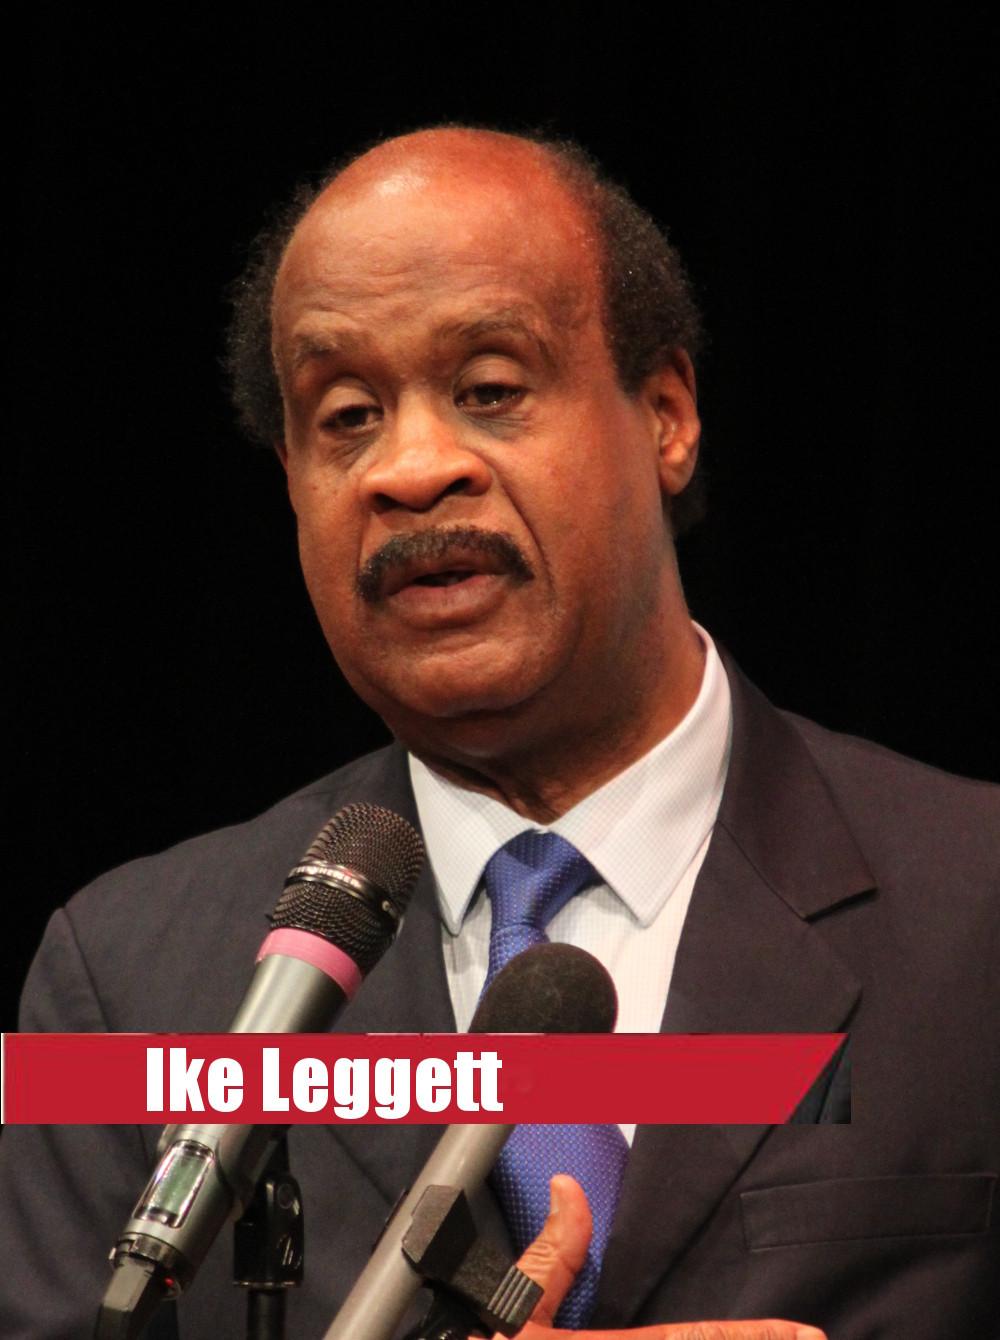 IkeLeggett.JPG